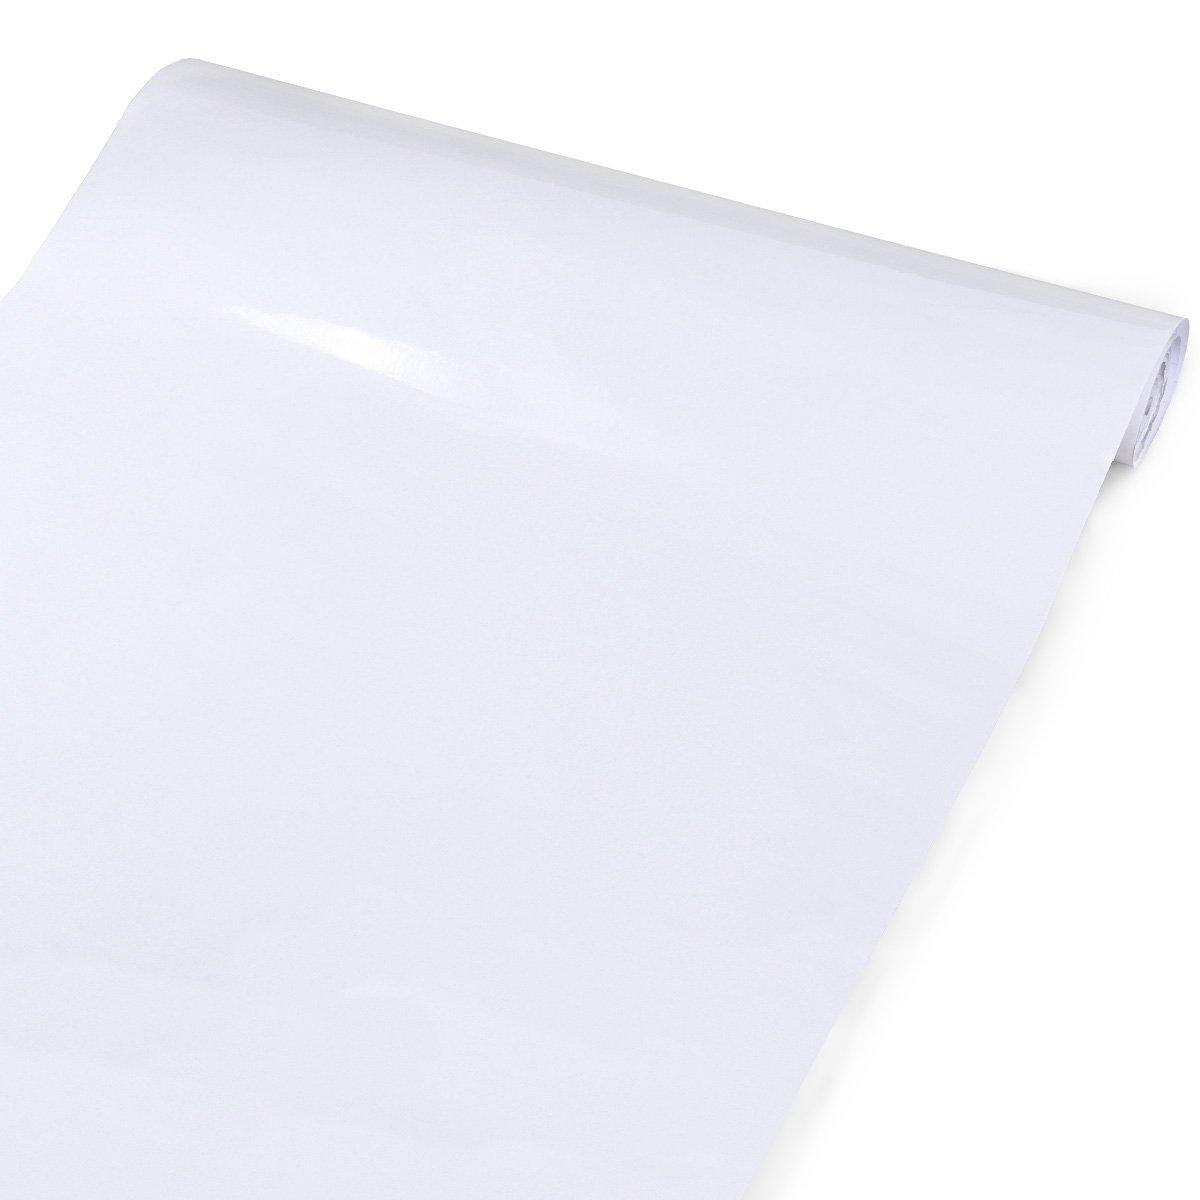 5m x 61cm rouleau Papier peint PVC étanche autocollant blanc ...